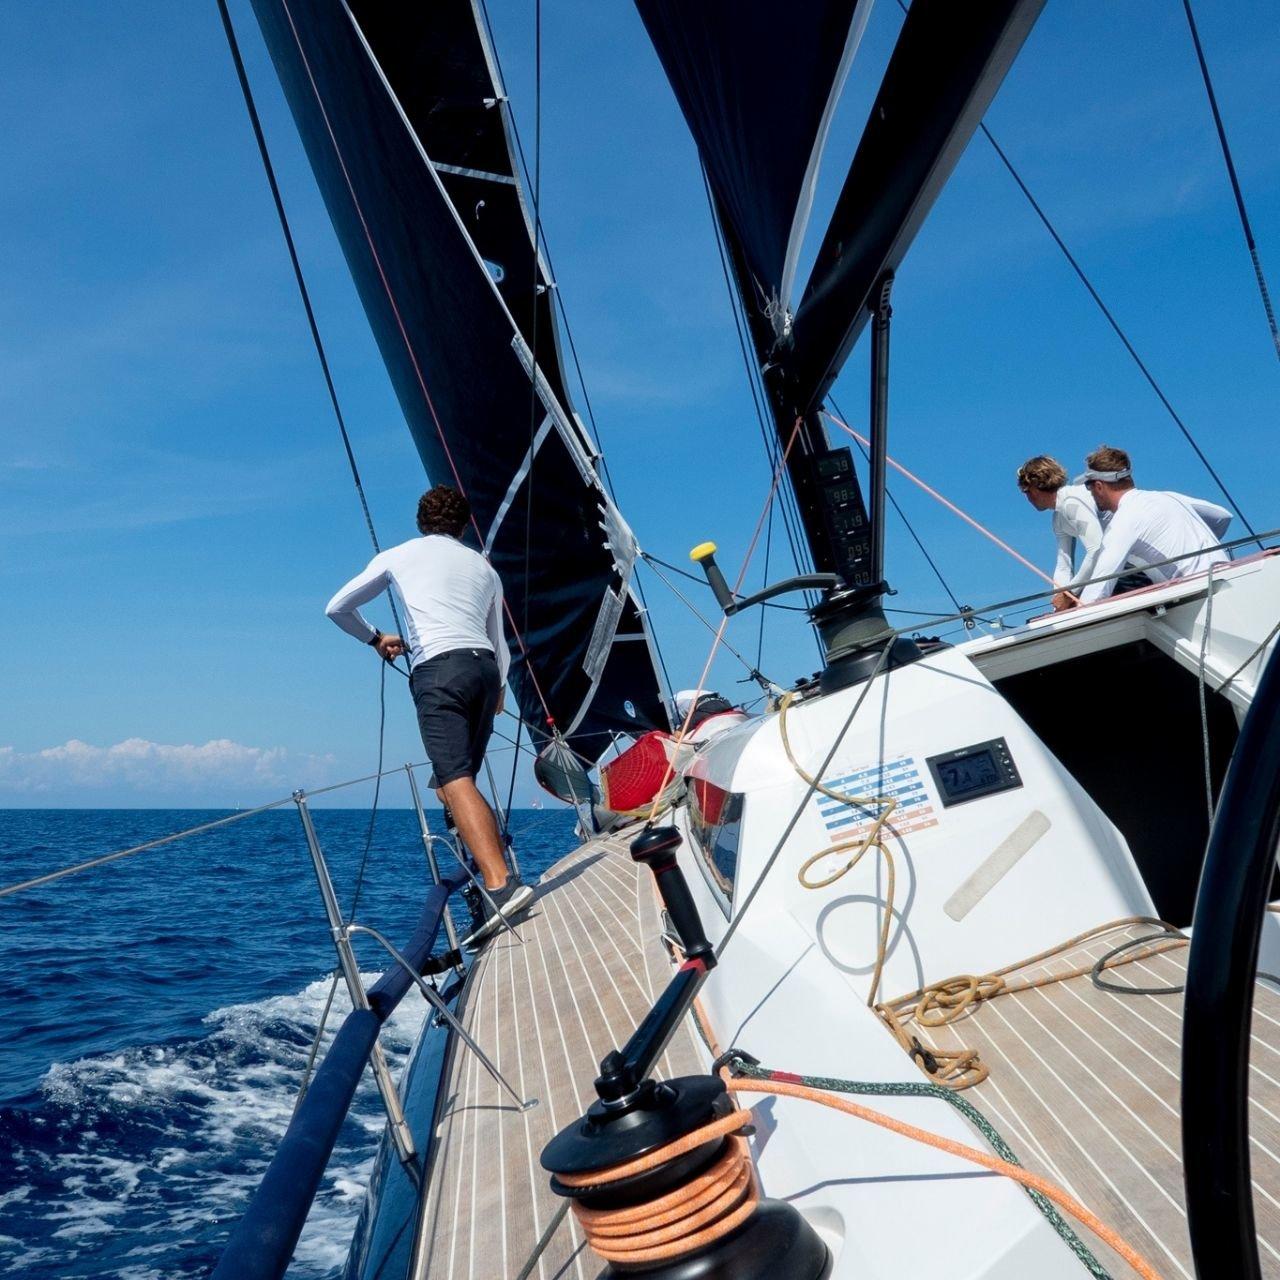 Sardegna in barca a vela, meraviglie tra mare e terra da scoprire insieme a Slam